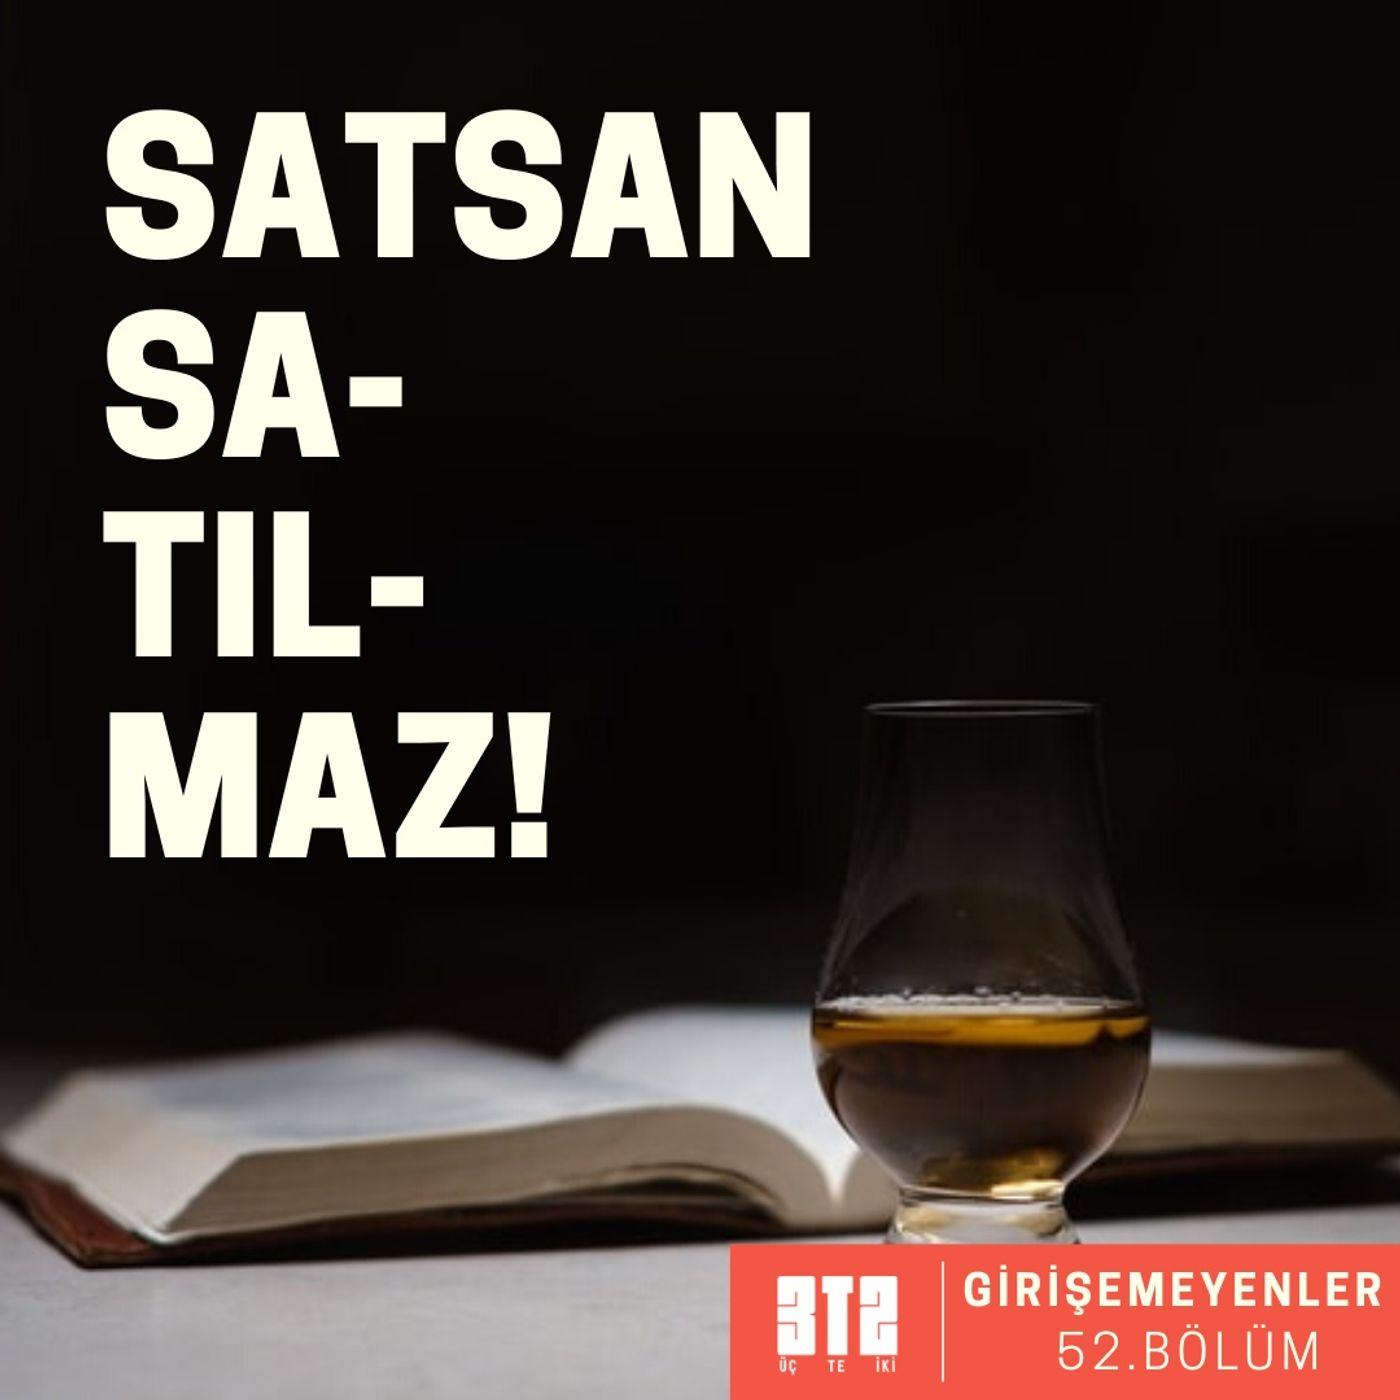 GİRİŞEMEYENLER.03 - Satsan Satılmaz!